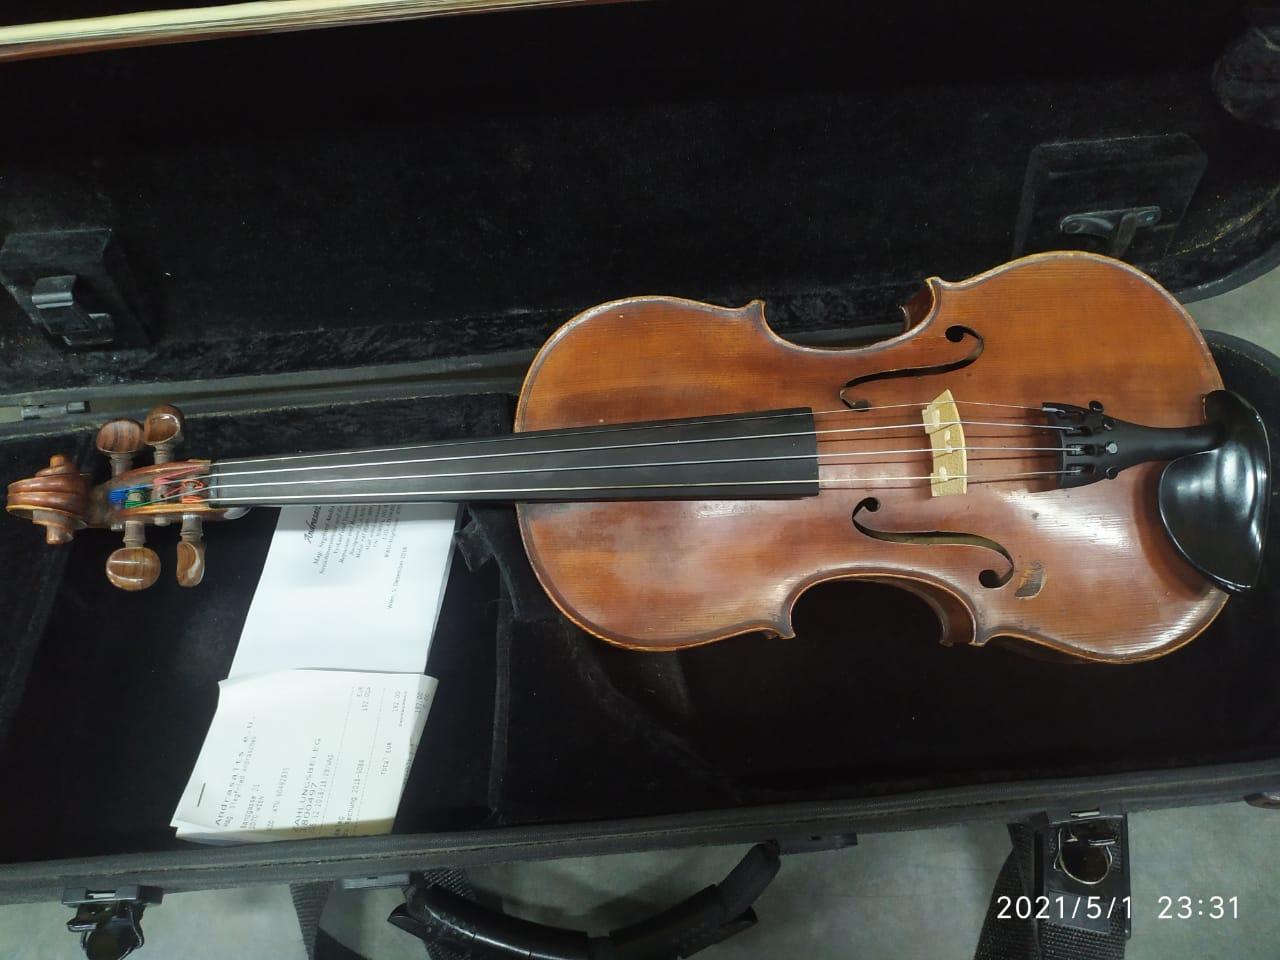 Закарпатські митники вилучили в австрійця 120-річну скрипку